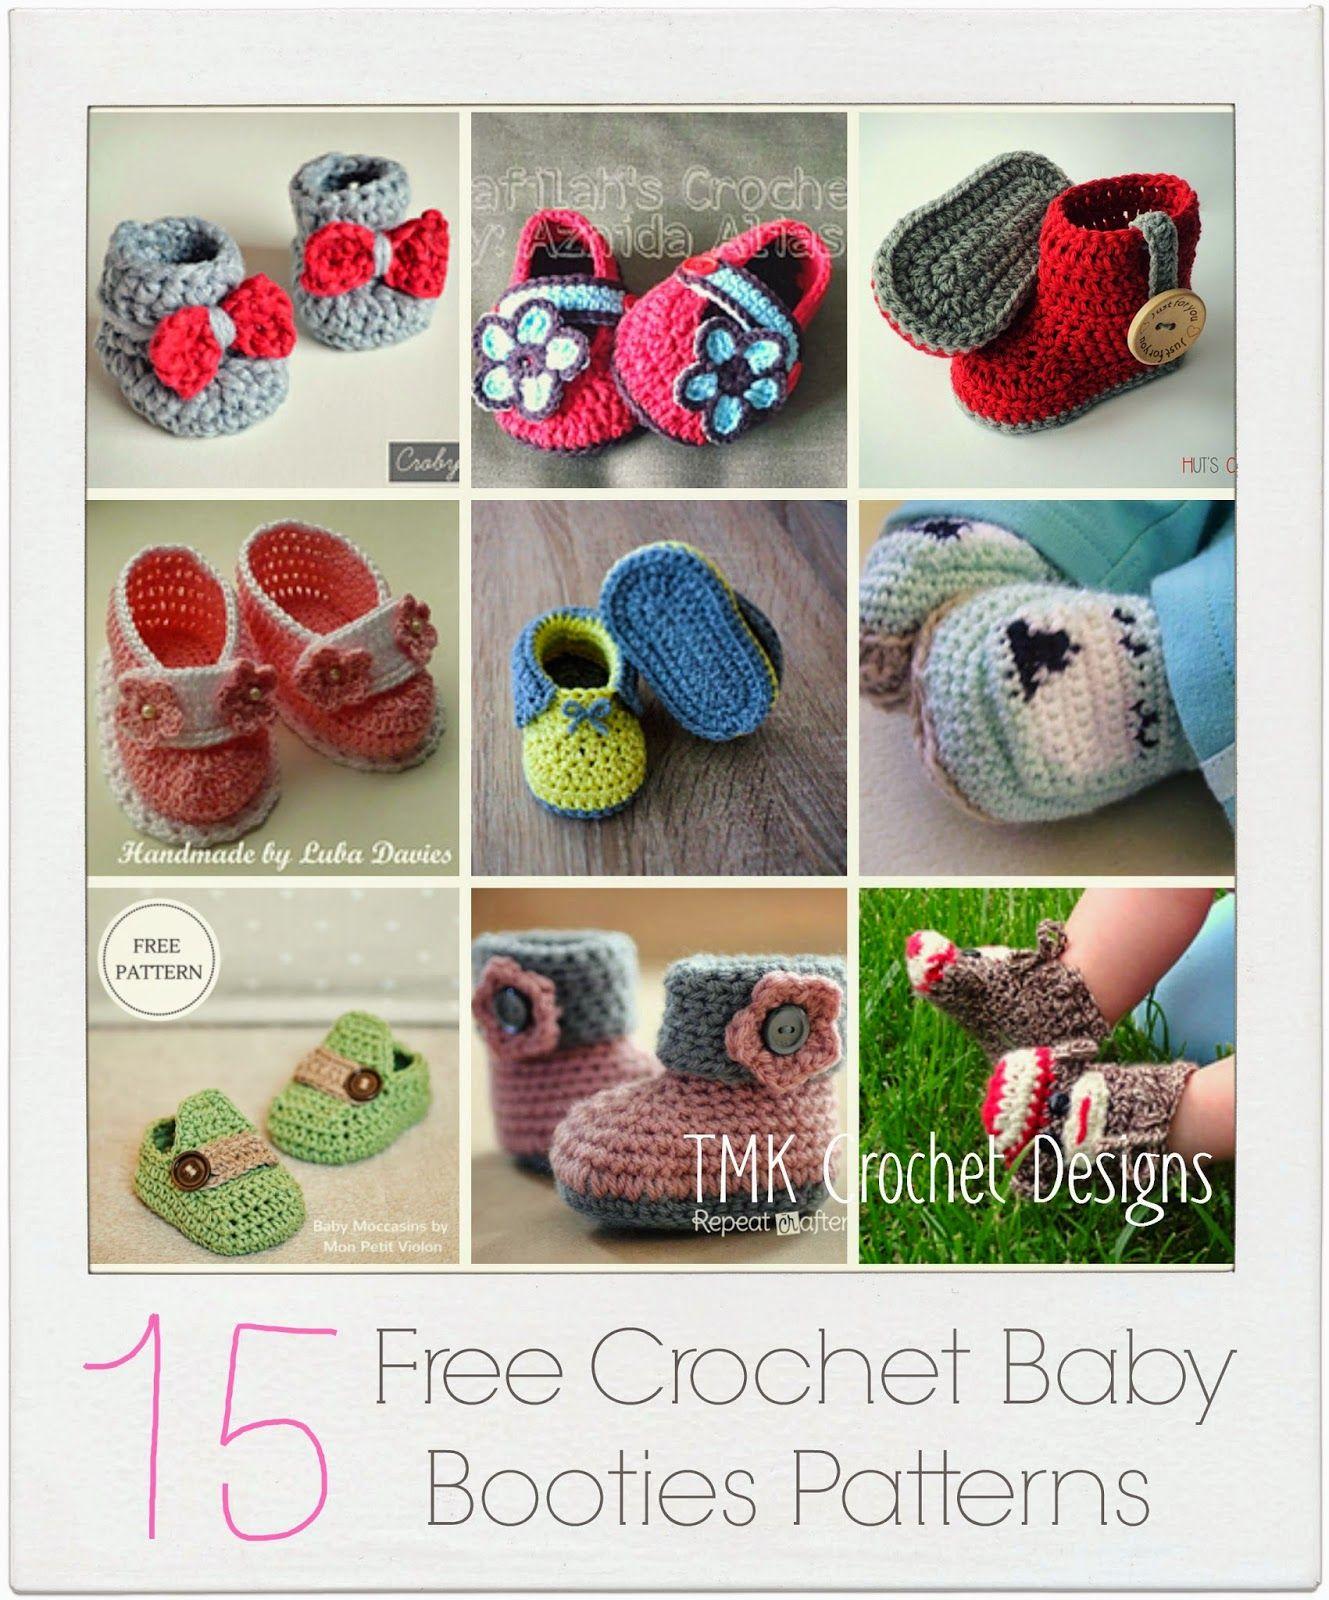 TMK crochet: Free Crochet Pattern Round-Up: Baby Booties | baby ...